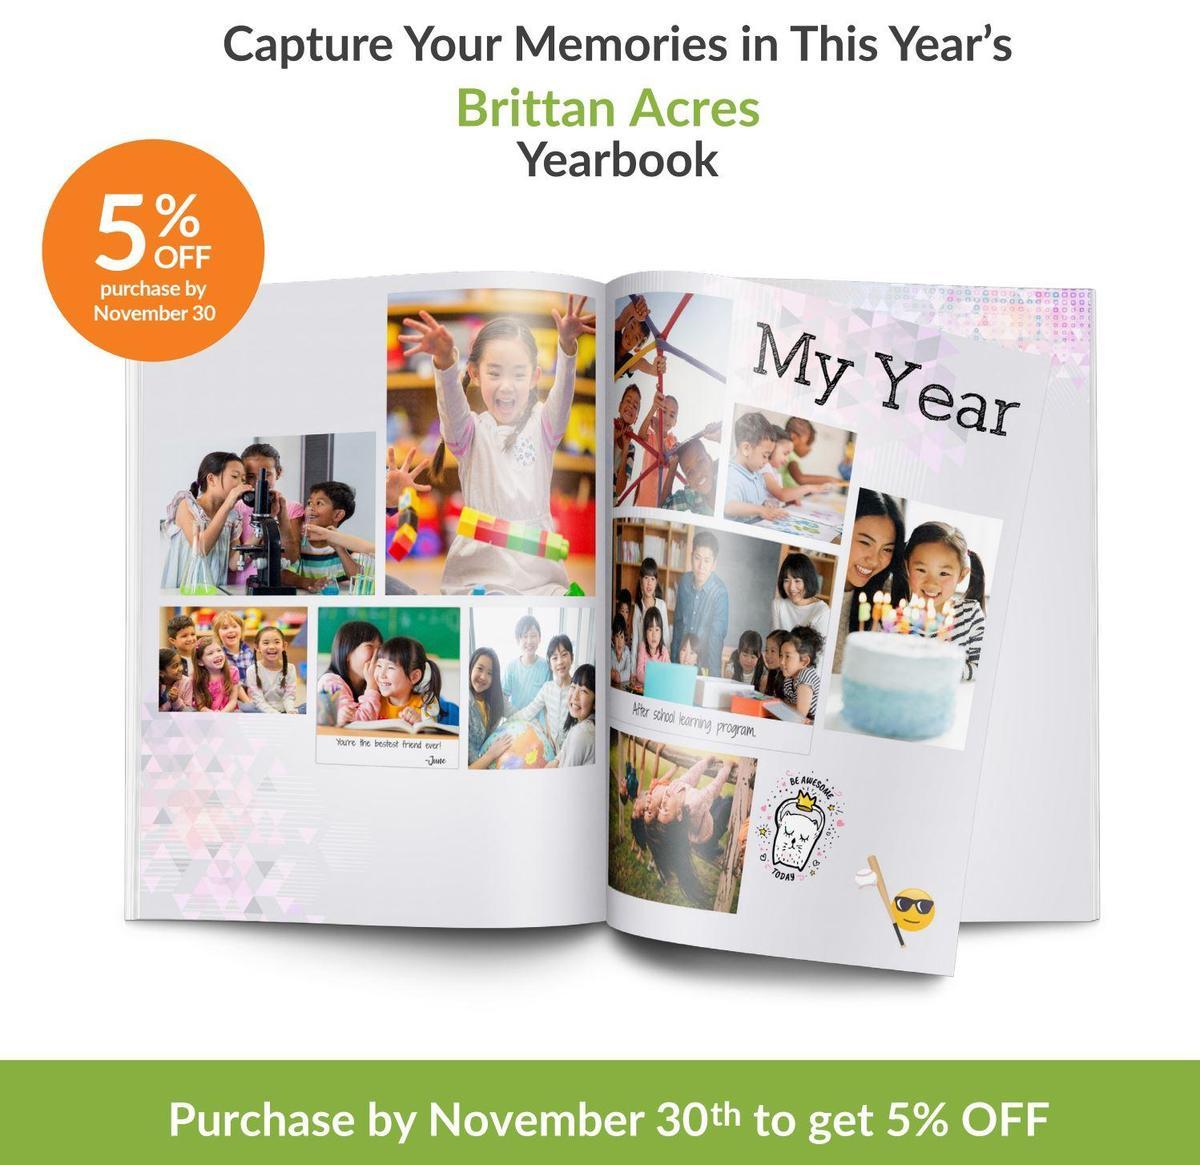 Nov yearbook